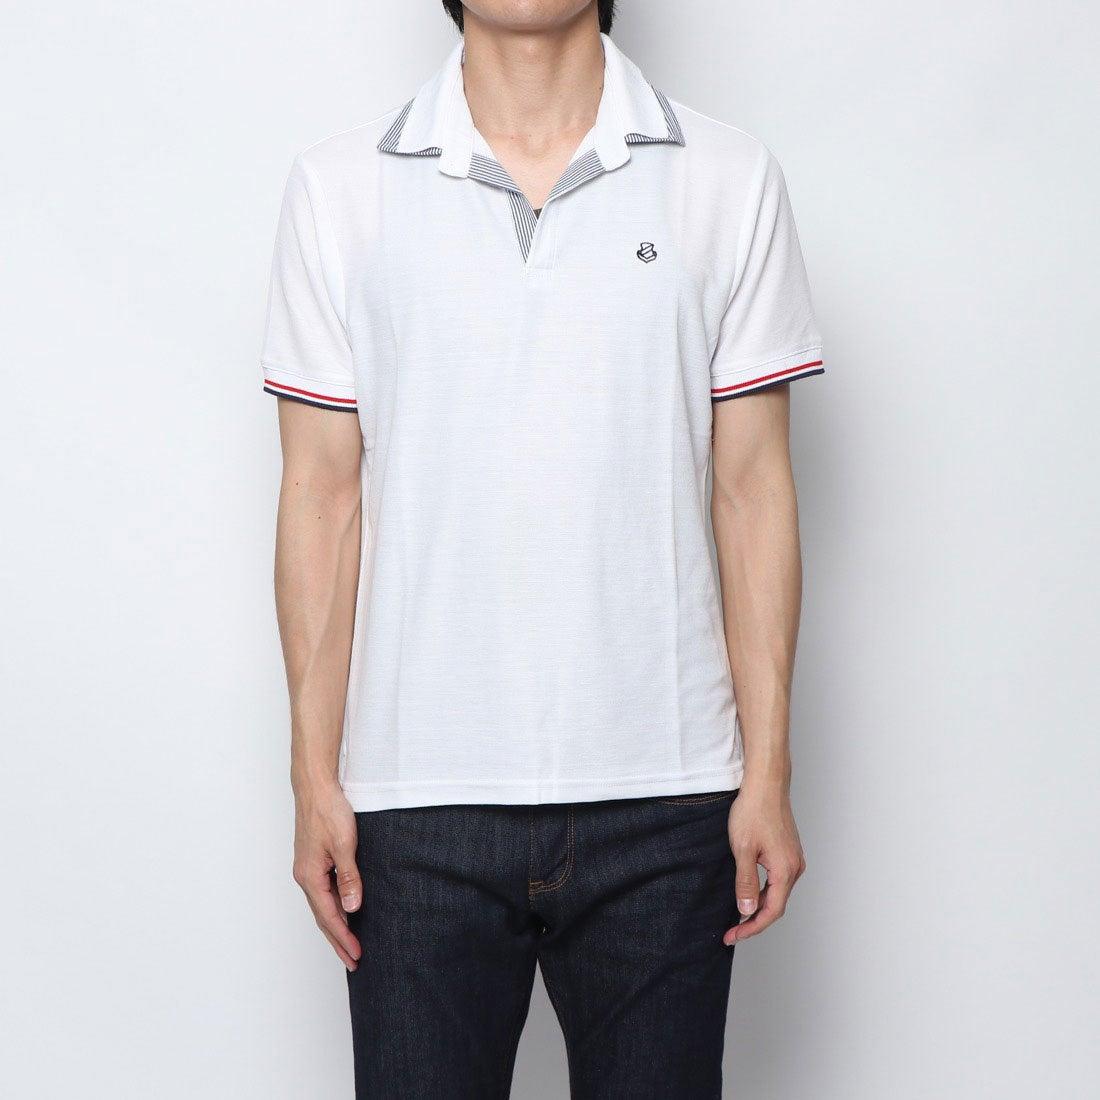 ロコンド 靴とファッションの通販サイトスタイルブロック STYLEBLOCK ドライ鹿の子無地スキッパーポロシャツ (ホワイト)